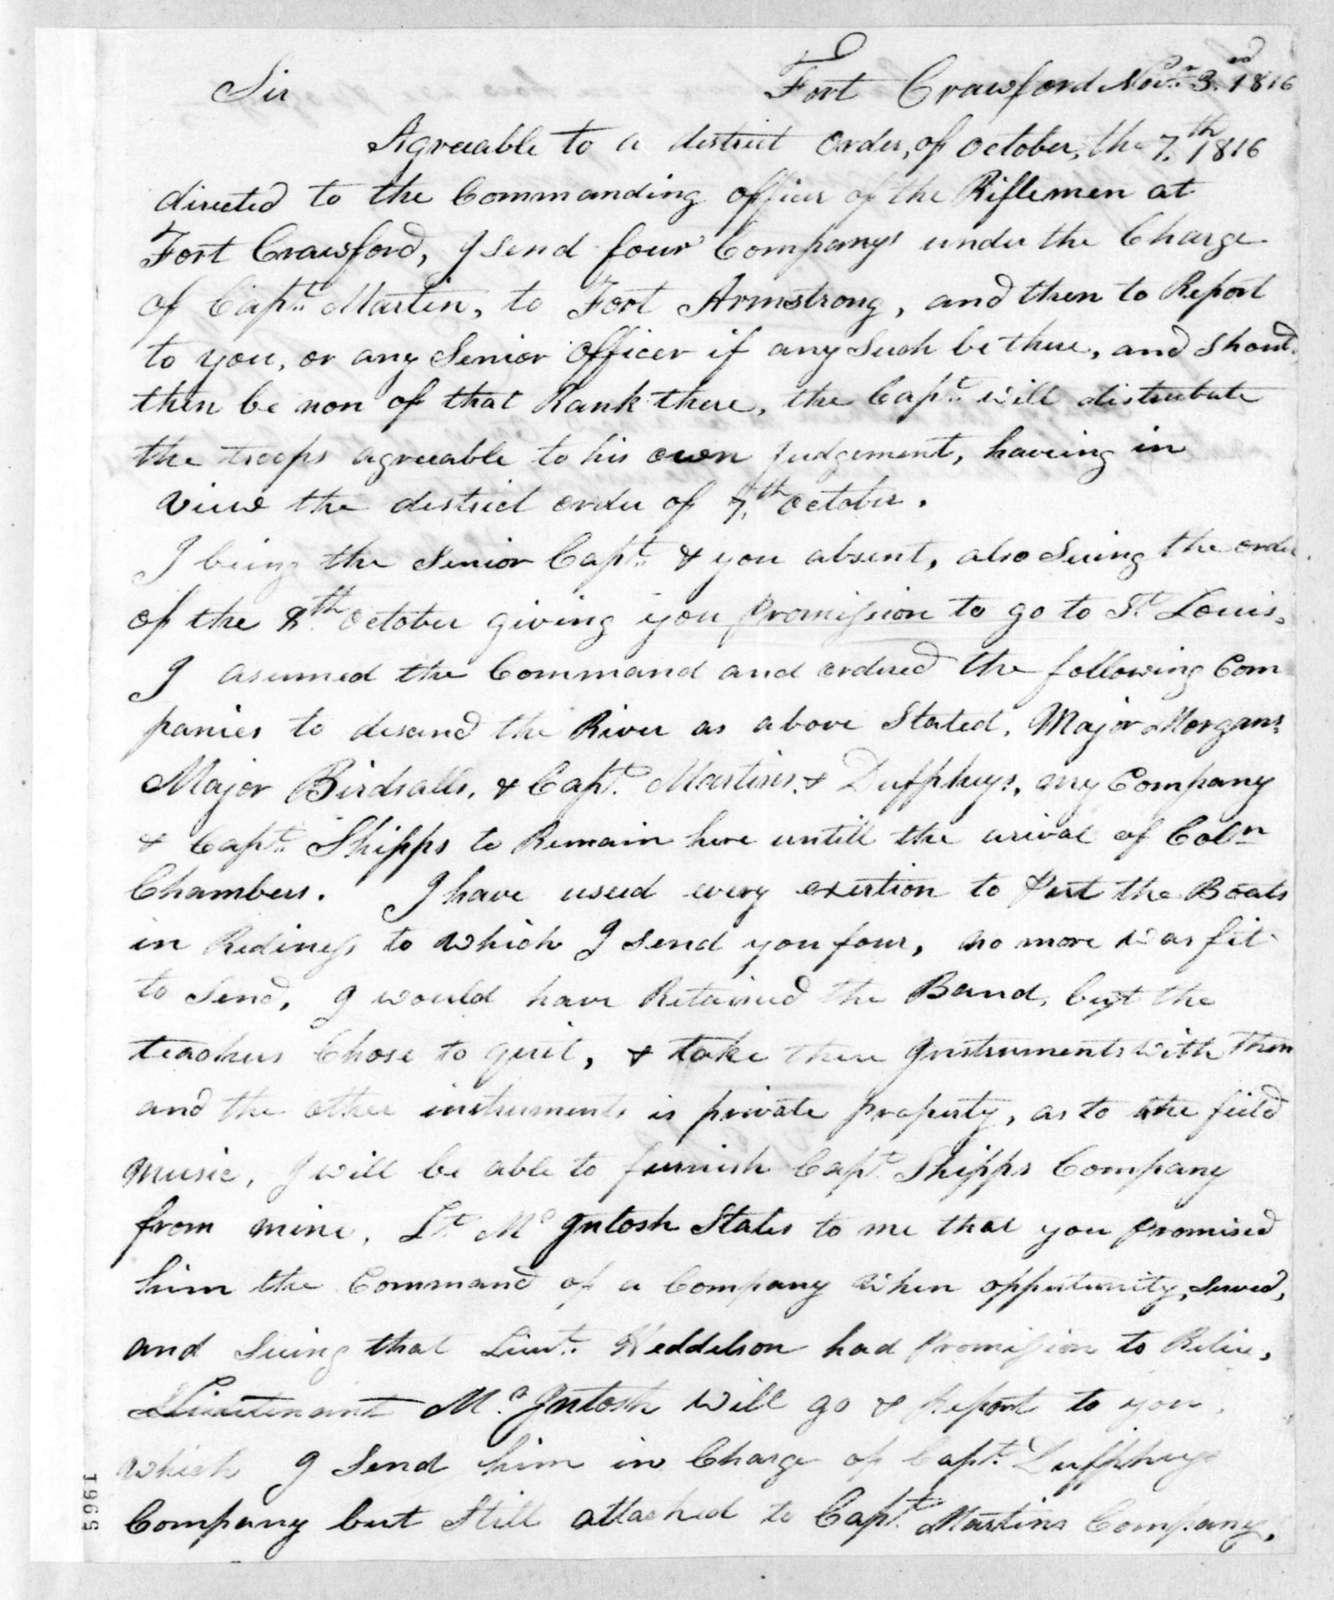 Thomas Ramsey to Willoughby Morgan, November 3, 1816